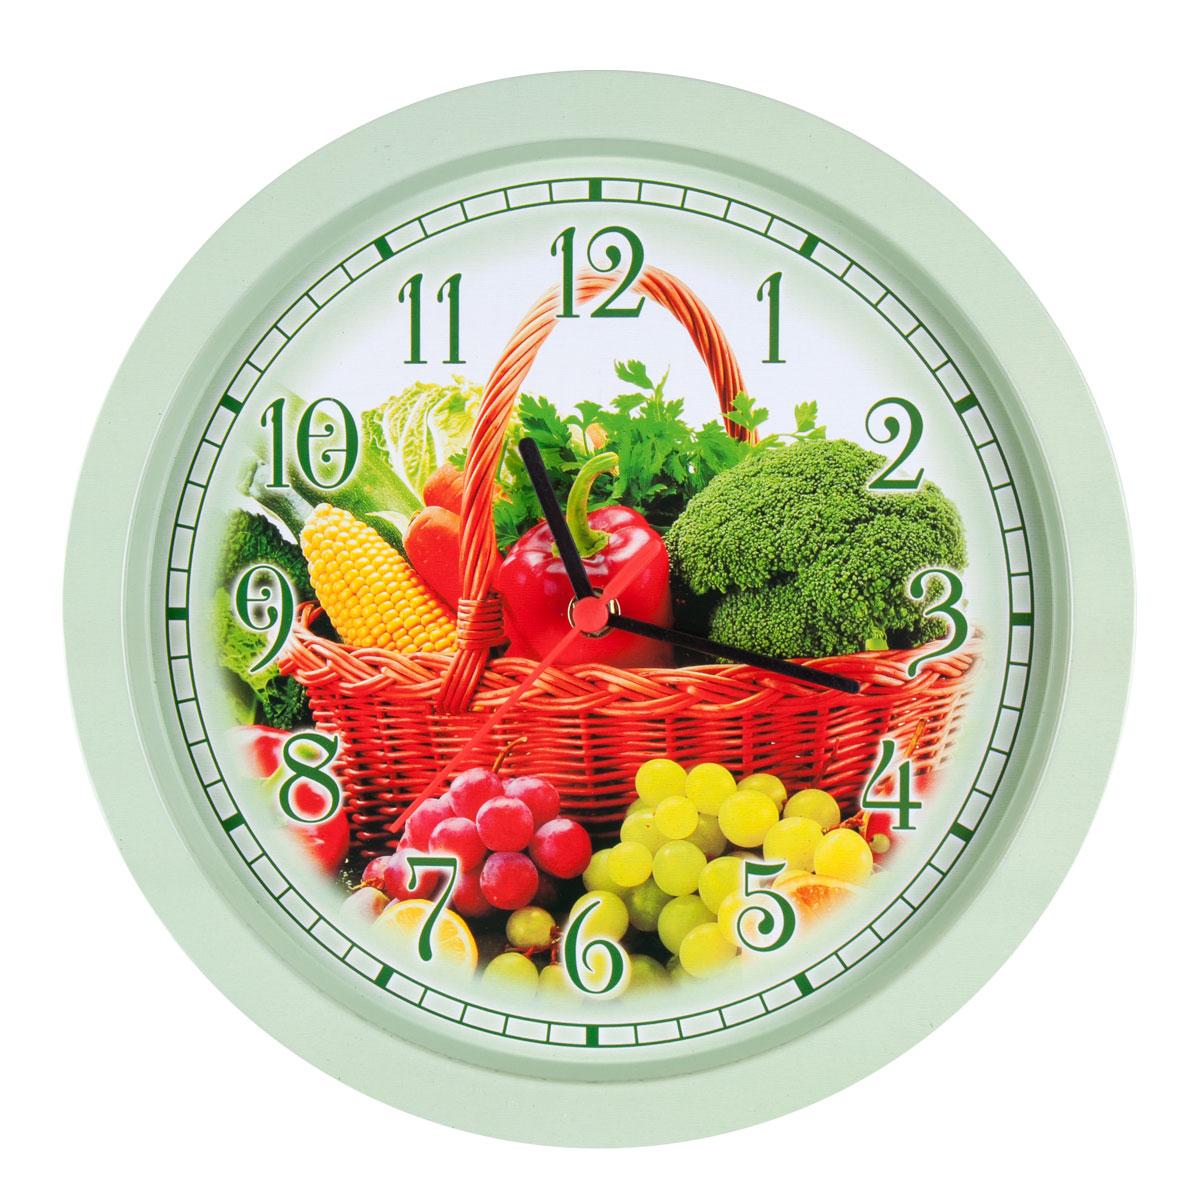 Часы настенные Miolla Овощи2706 (ПО)Оригинальные настенные часы круглой формы Miolla Овощи выполнены из металла. Часы имеют три стрелки - часовую, минутную и секундную. Необычное дизайнерское решение и качество исполнения придутся по вкусу каждому.Оформите свой дом таким интерьерным аксессуаром или преподнесите его в качестве презента друзьям, и они оценят ваш оригинальный вкус и неординарность подарка. Часы работают от 1 батарейки типа АА напряжением 1,5 В.Диаметр часов: 33 см.